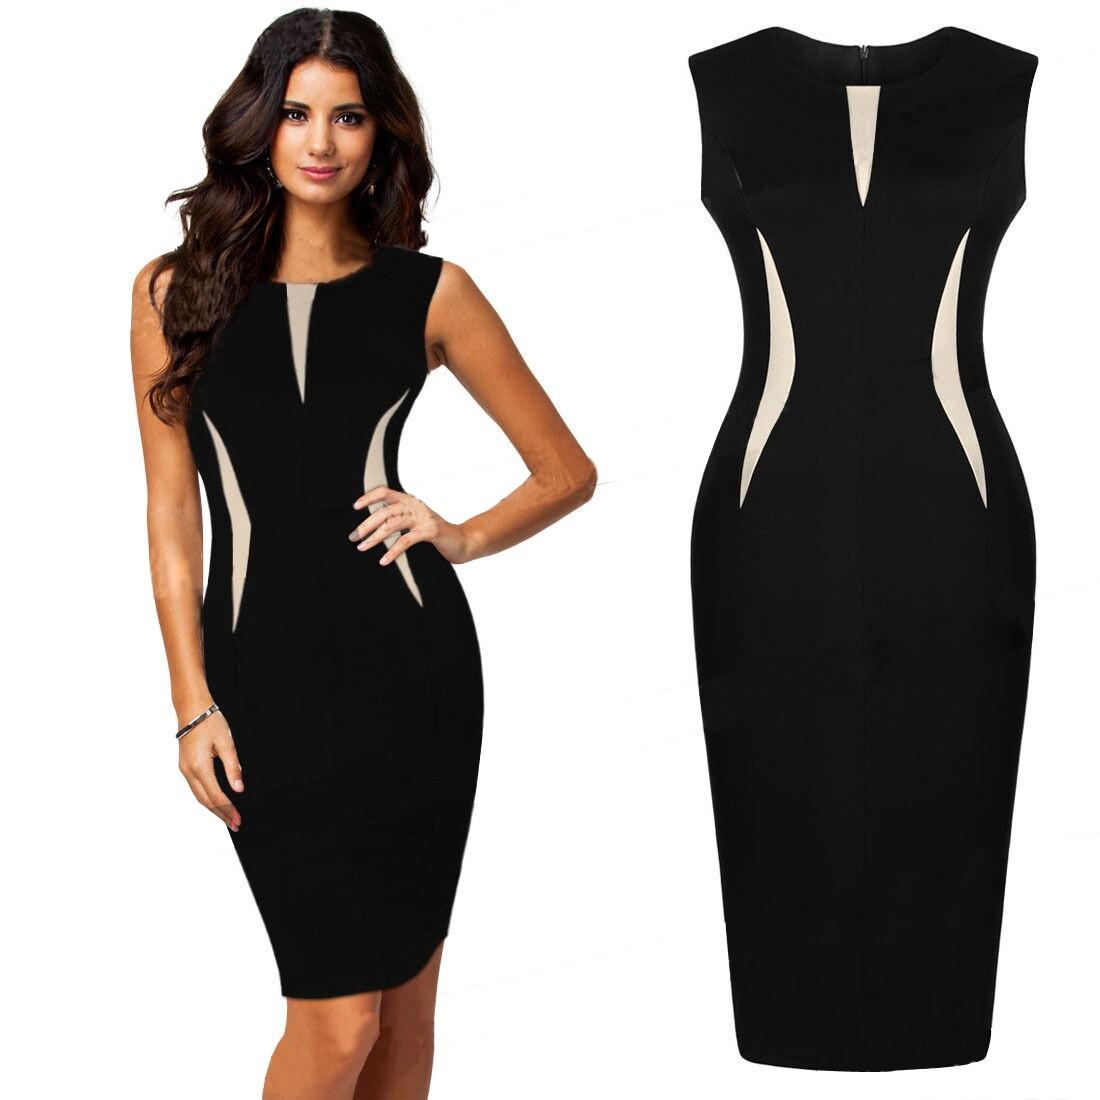 d868b37531d9 New casual patchwork zipper dresses - Fabtag